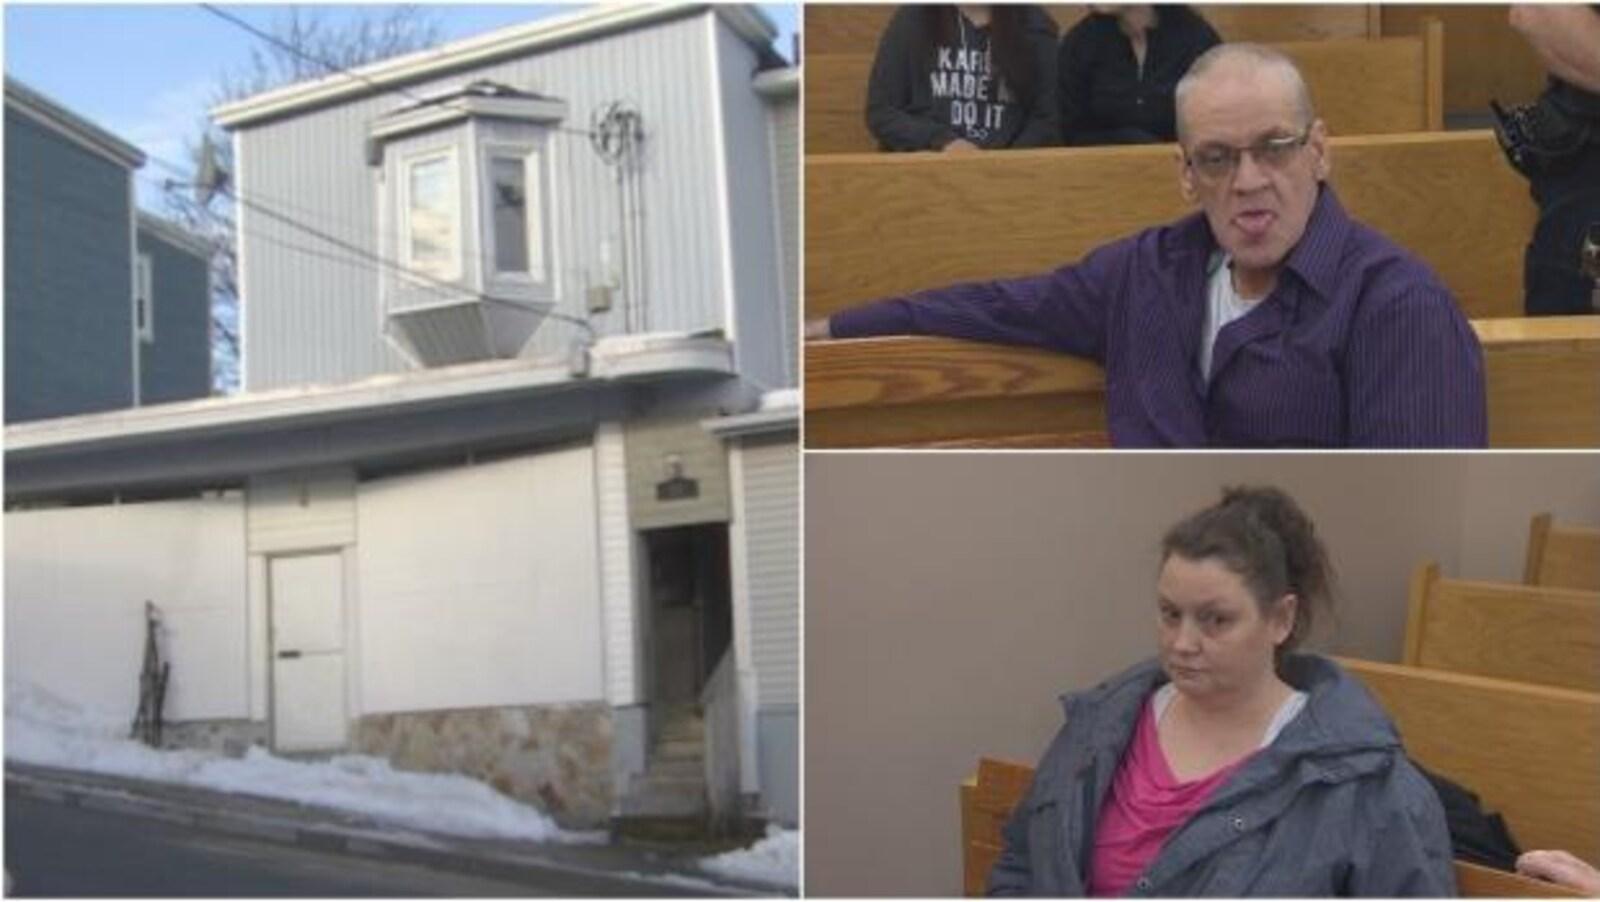 À gauche, la maison de la rue Springdale où l'agression a eu lieu. En haut à droite, Harold Noftall est assis à la cour provinciale. En bas à gauche, Mabel Stanley est aussi assise sur un banc de la cour provinciale.